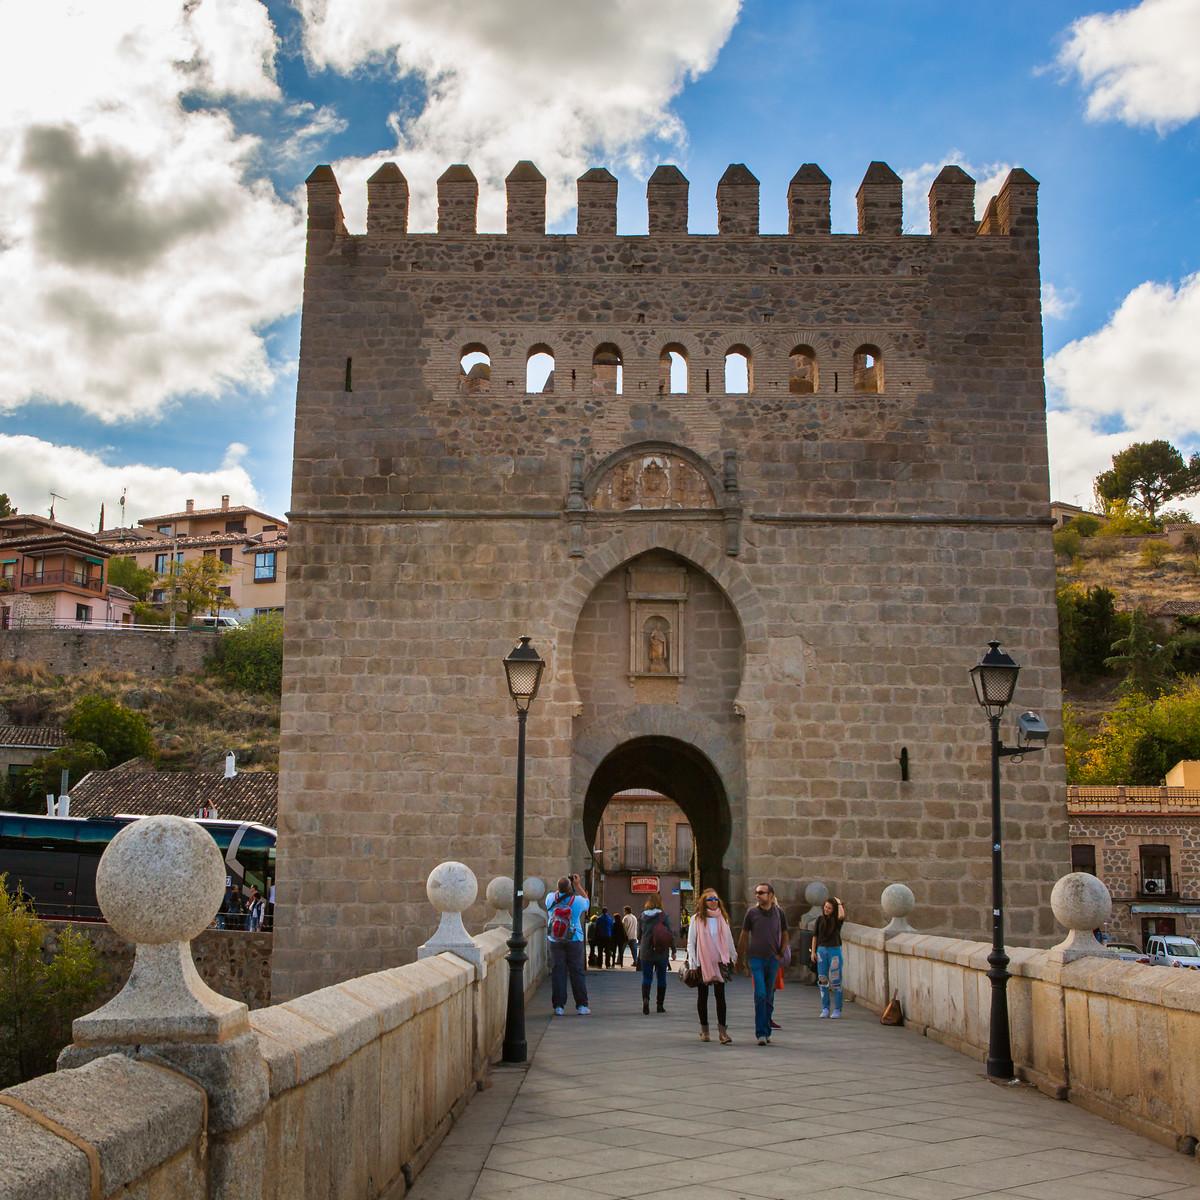 西班牙小鎮的古建築,走近看一看_圖1-9